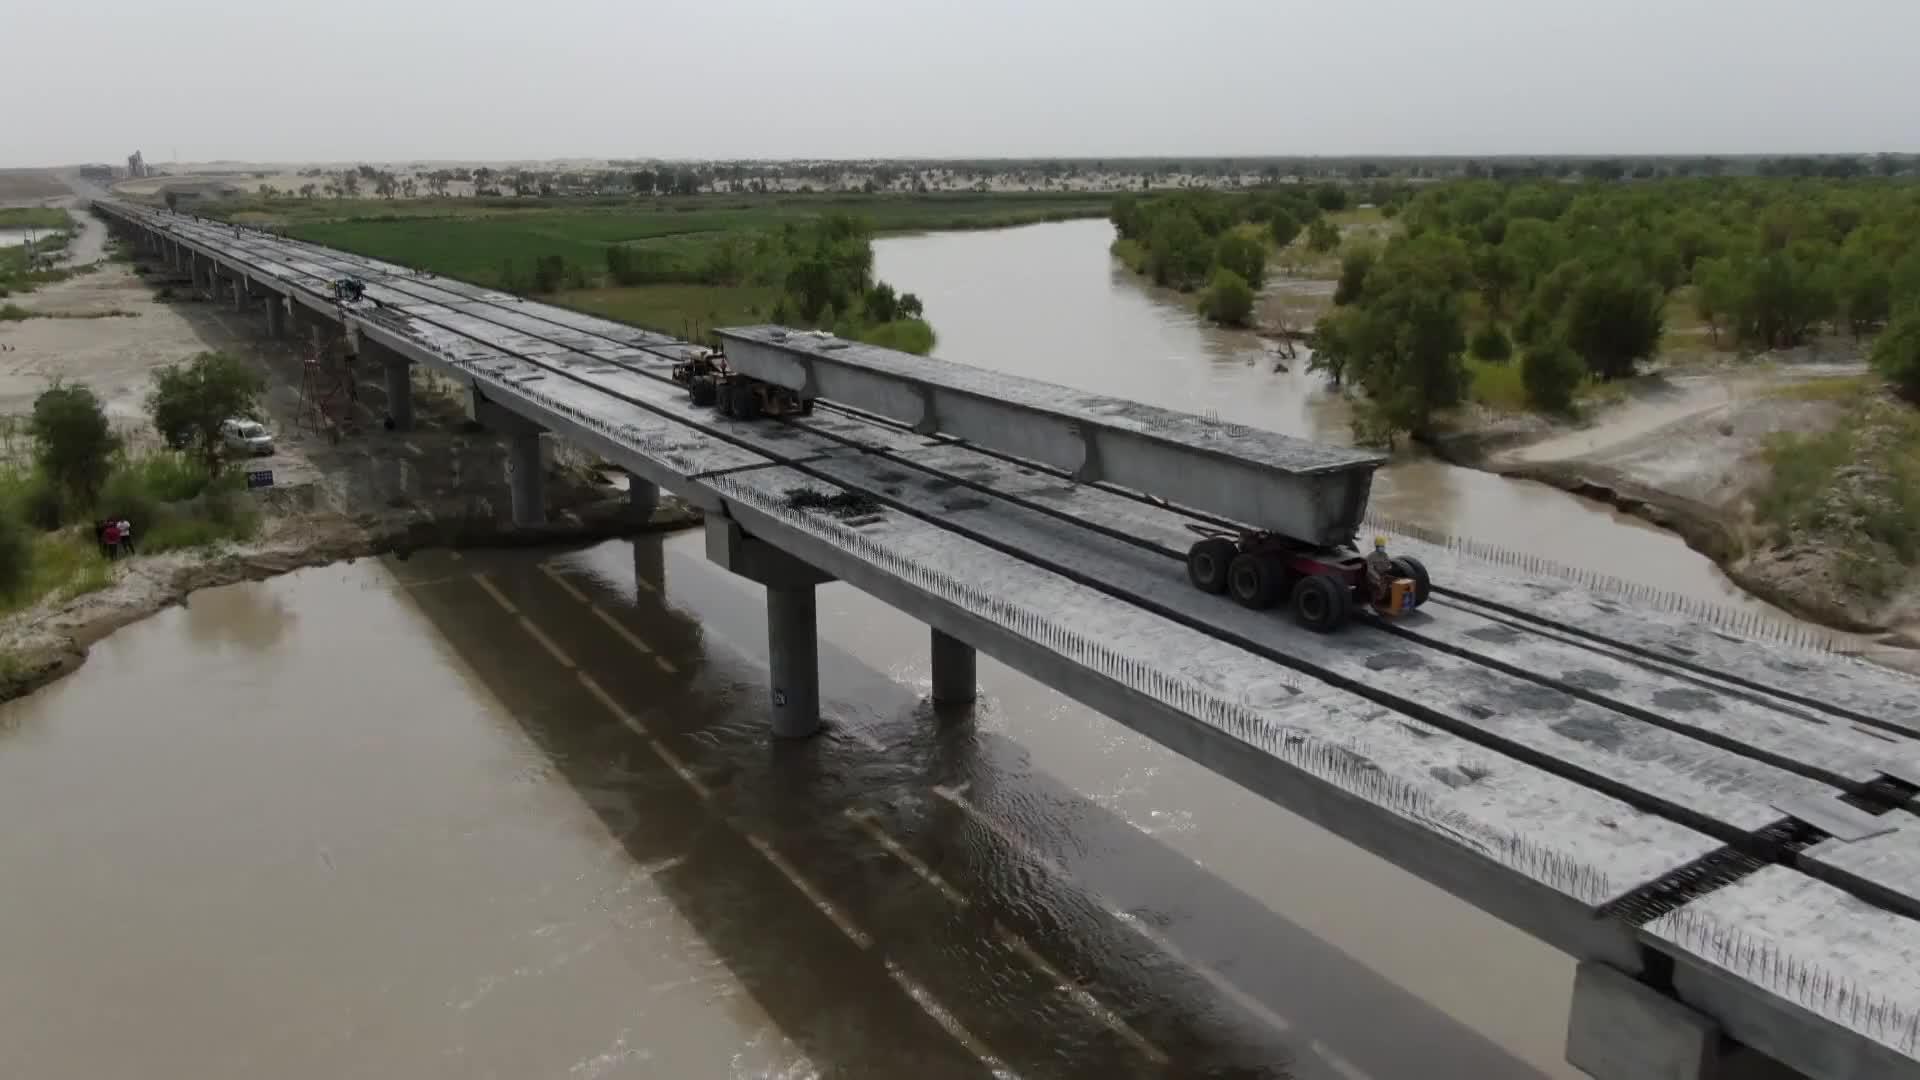 第三条横穿塔克拉玛干沙漠公路成功跨越塔里木河